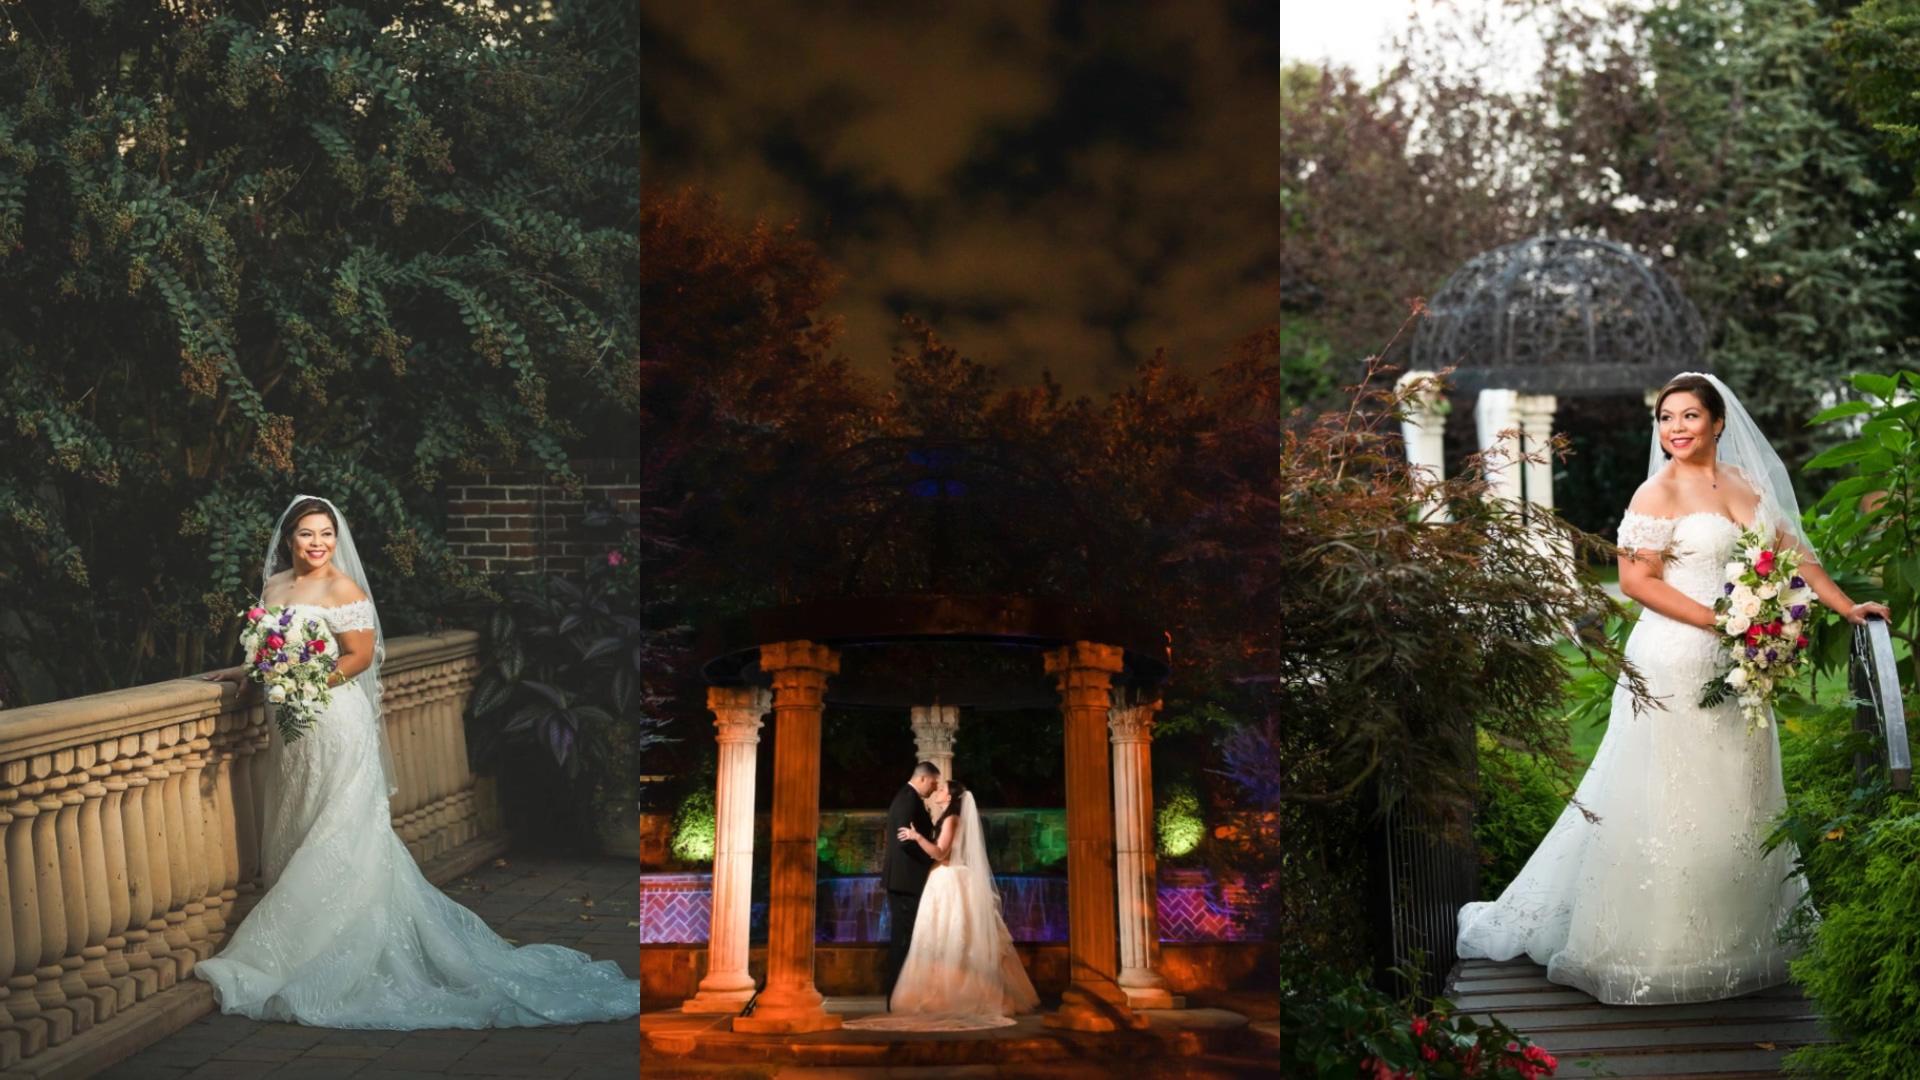 2020_The_Inn_at_New_Hyde_Park_Wedding_Photos_1080p